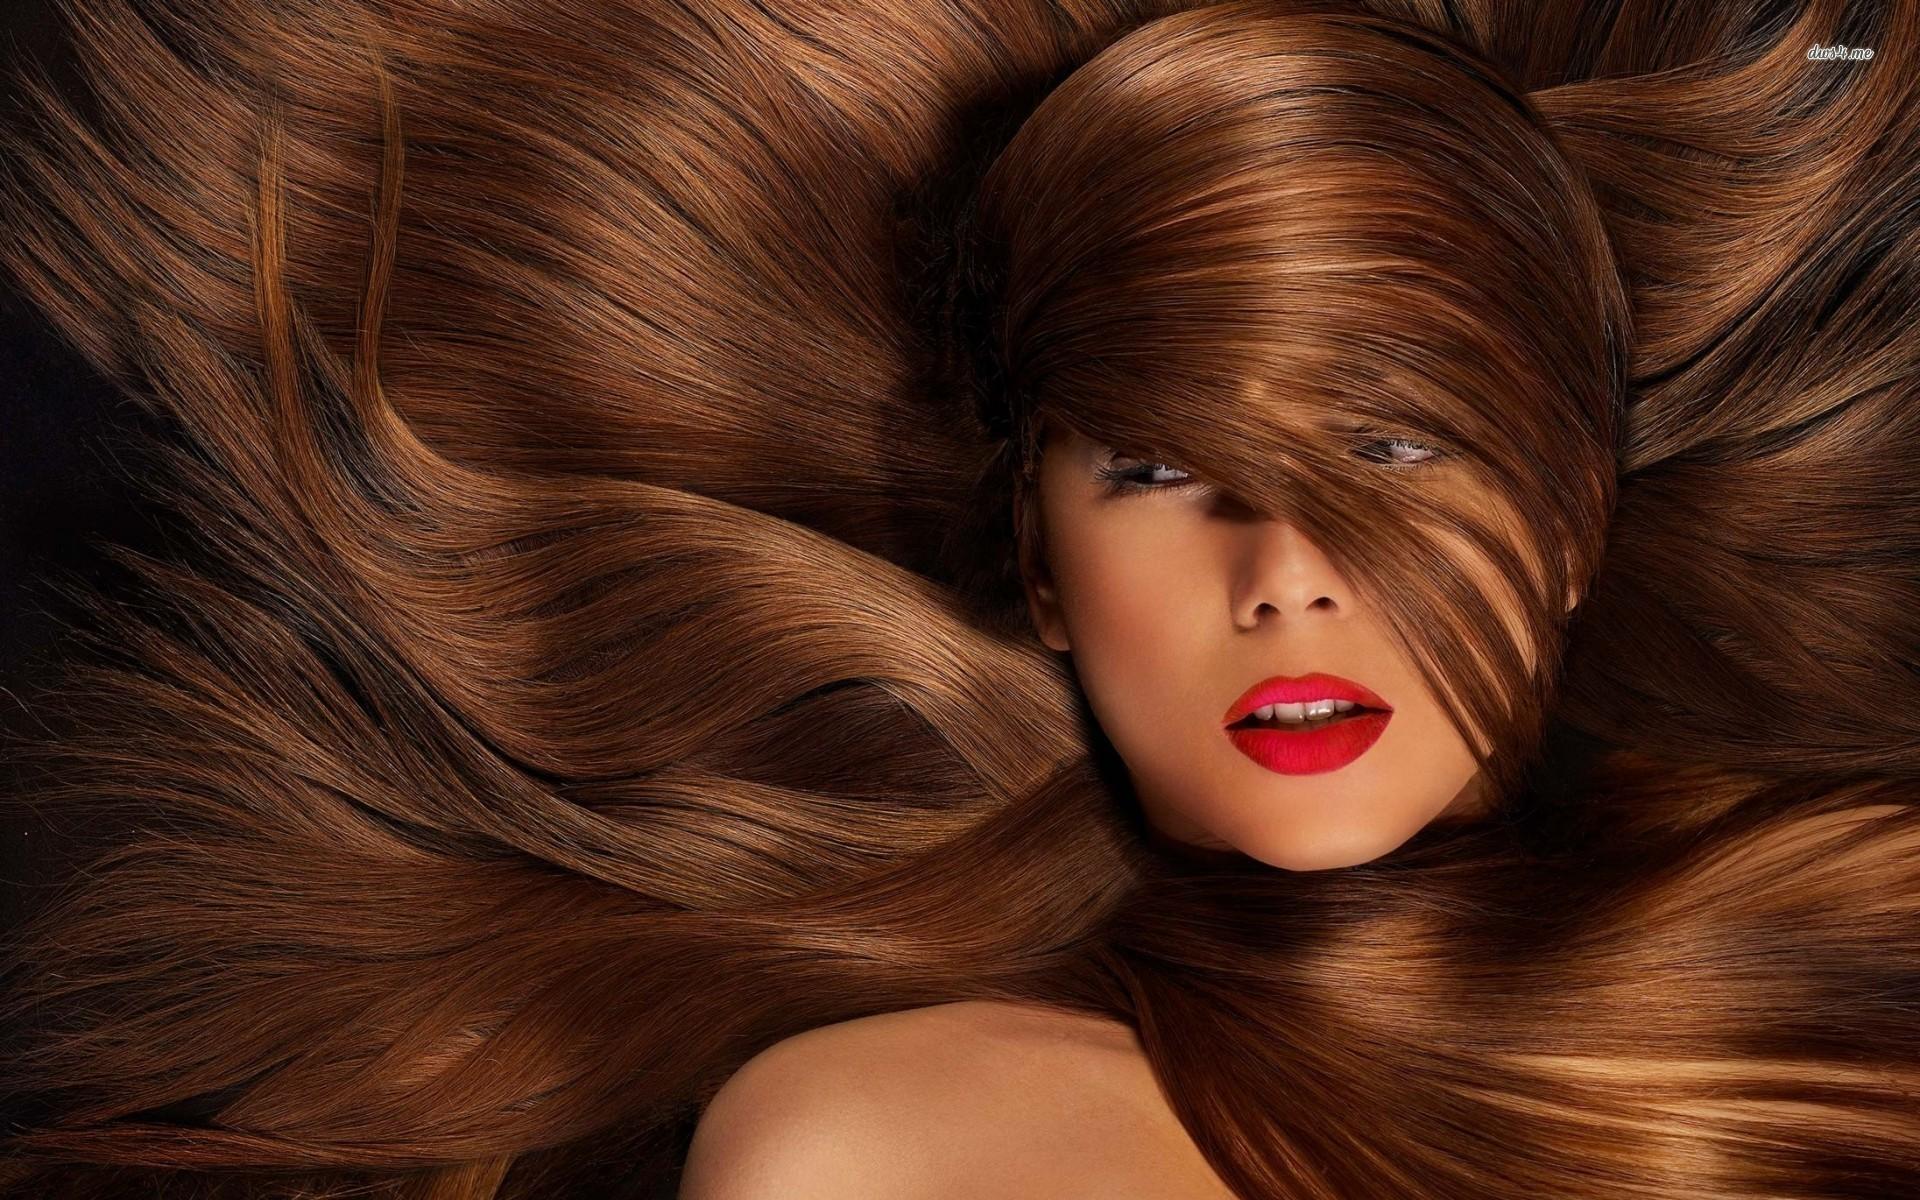 أفضل الفيتامينات والمعادن لتطويل وتقوية الشعر